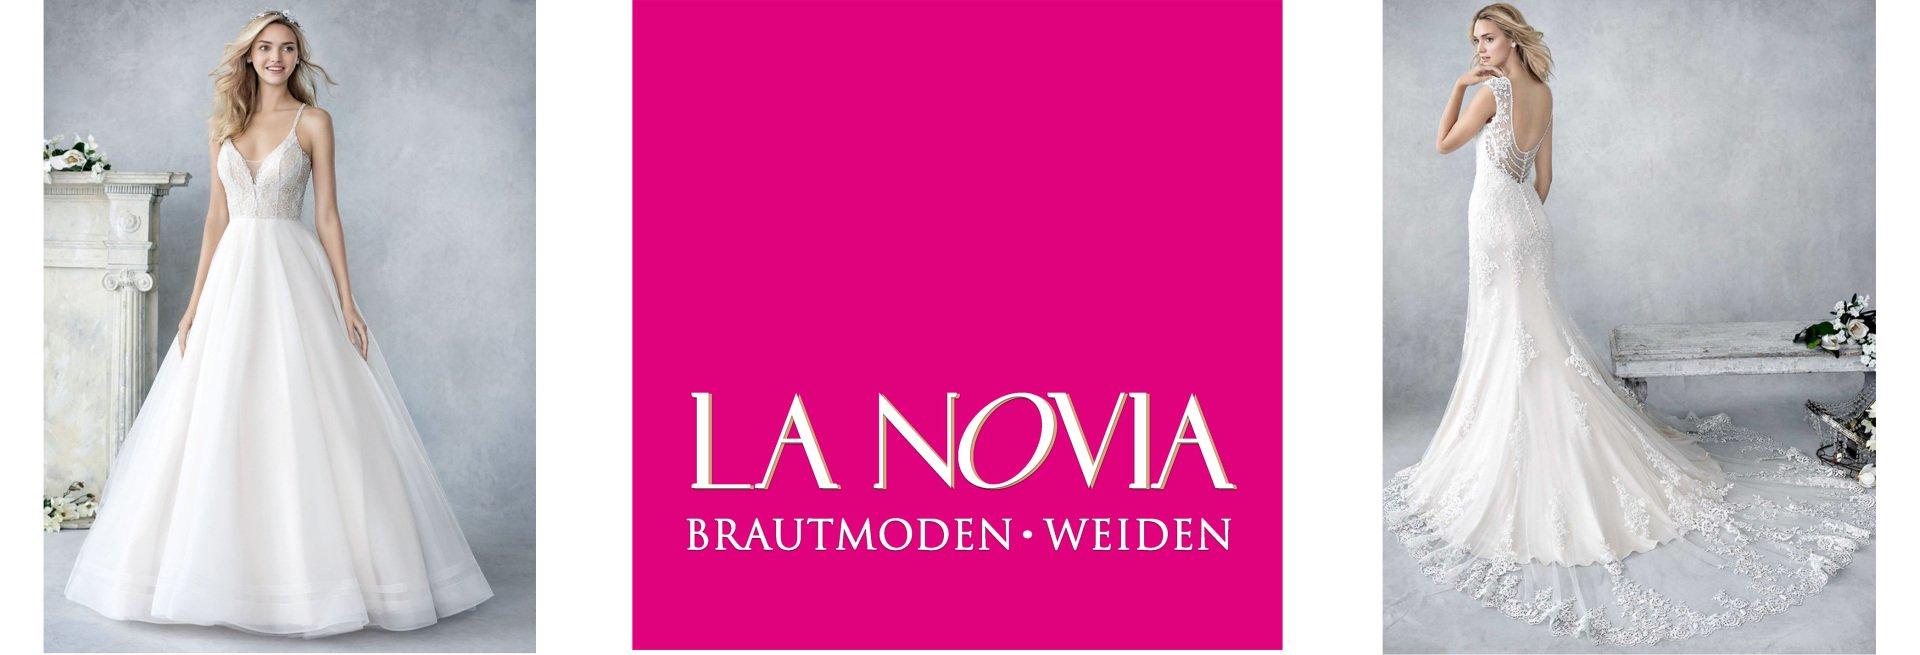 La Novia Brautmoden Euer Brautmodengeschaft In Weiden I D Opf